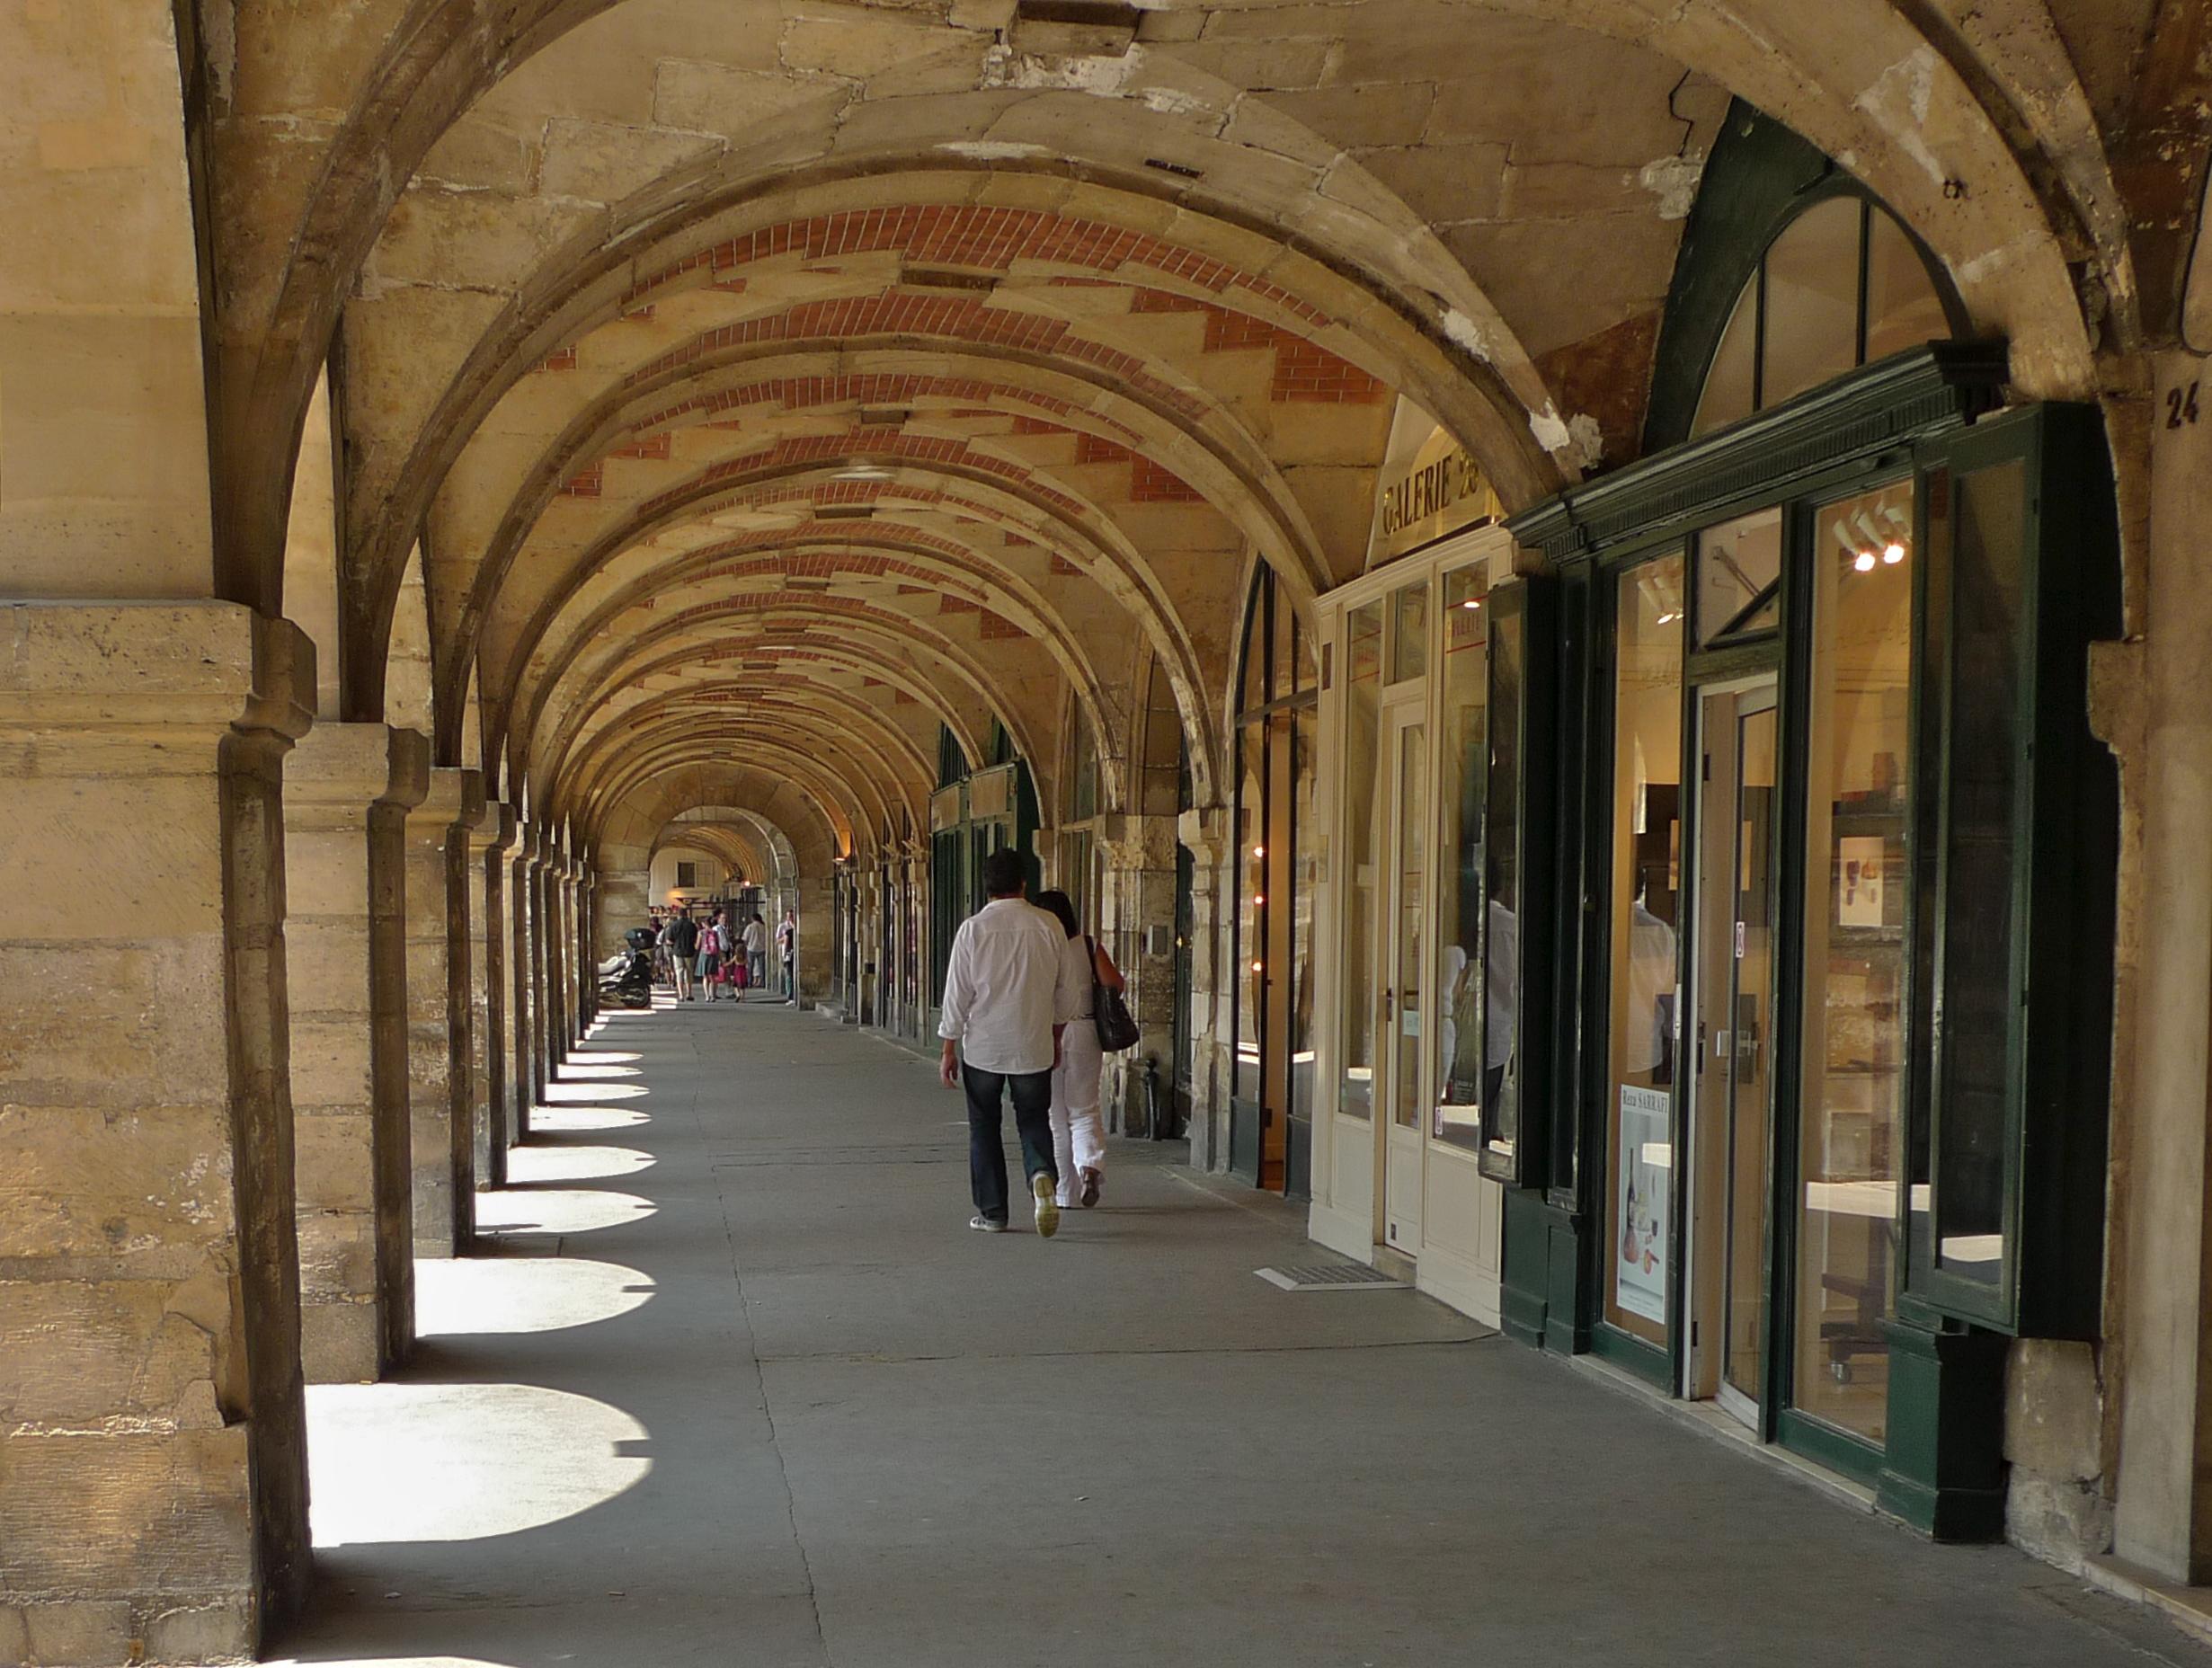 Magasins Arcades Hotel De Ville A St Etienne